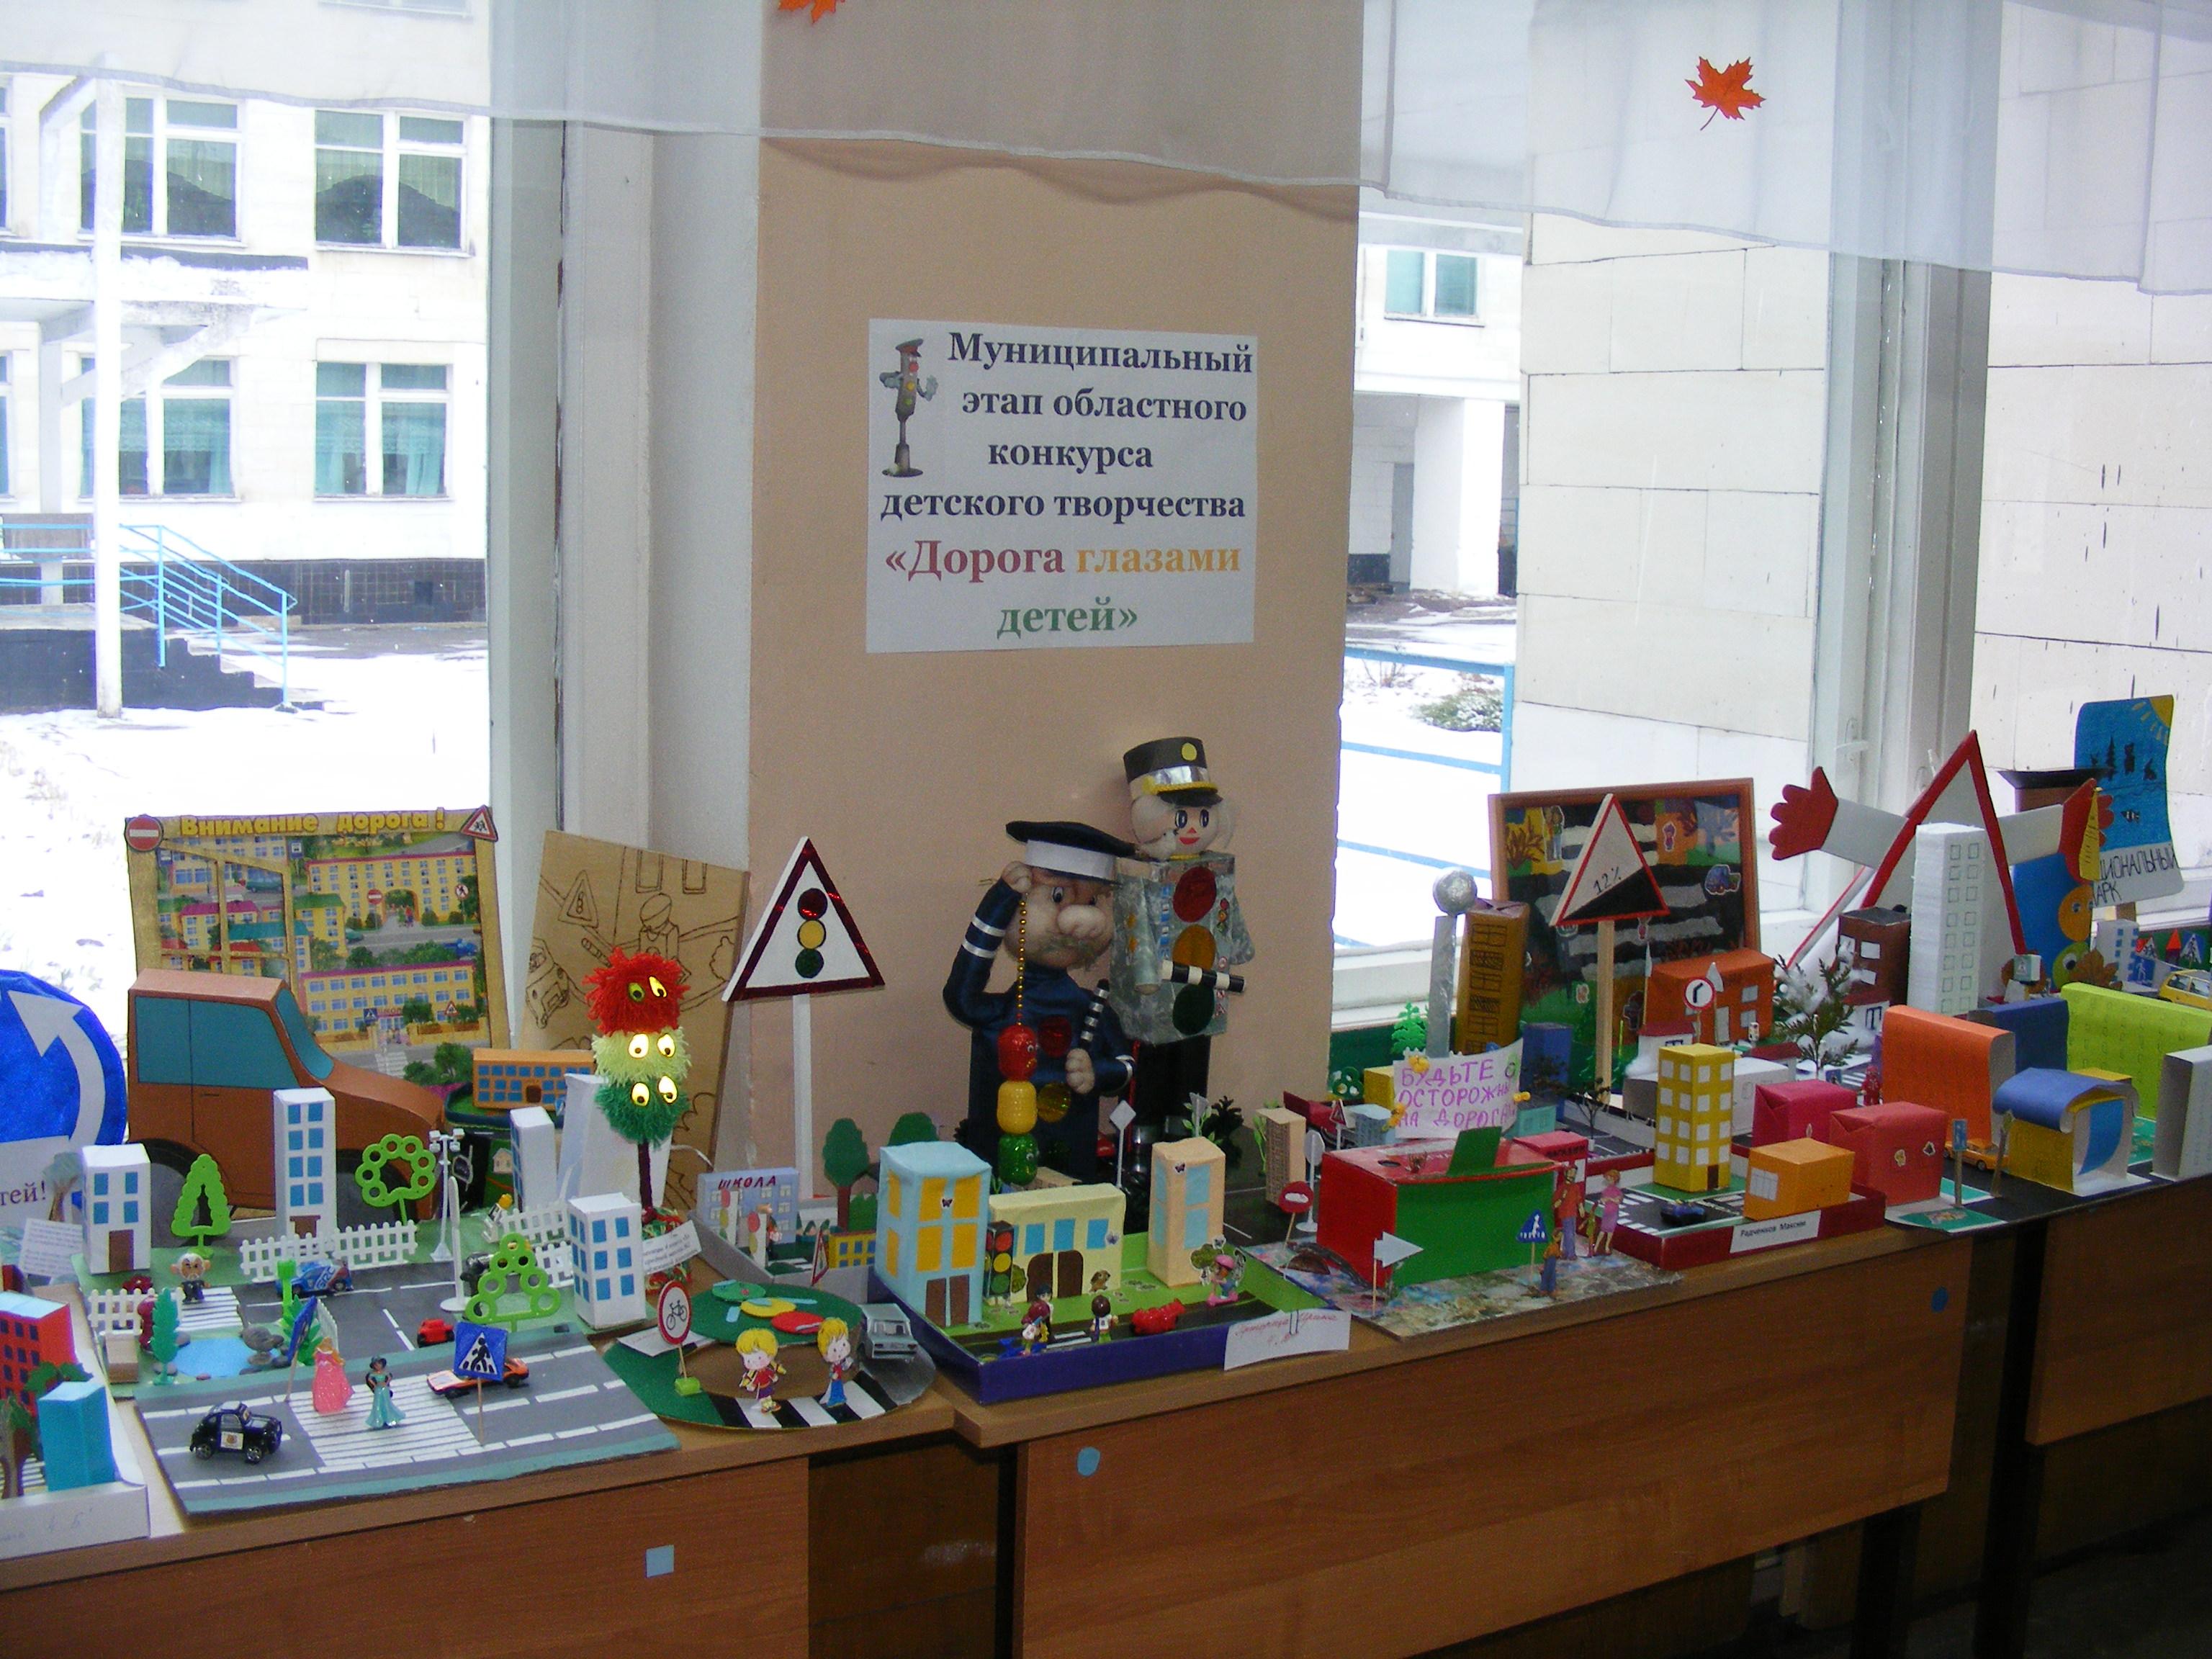 Конкурс детского творчества по безопасности дорожного движения